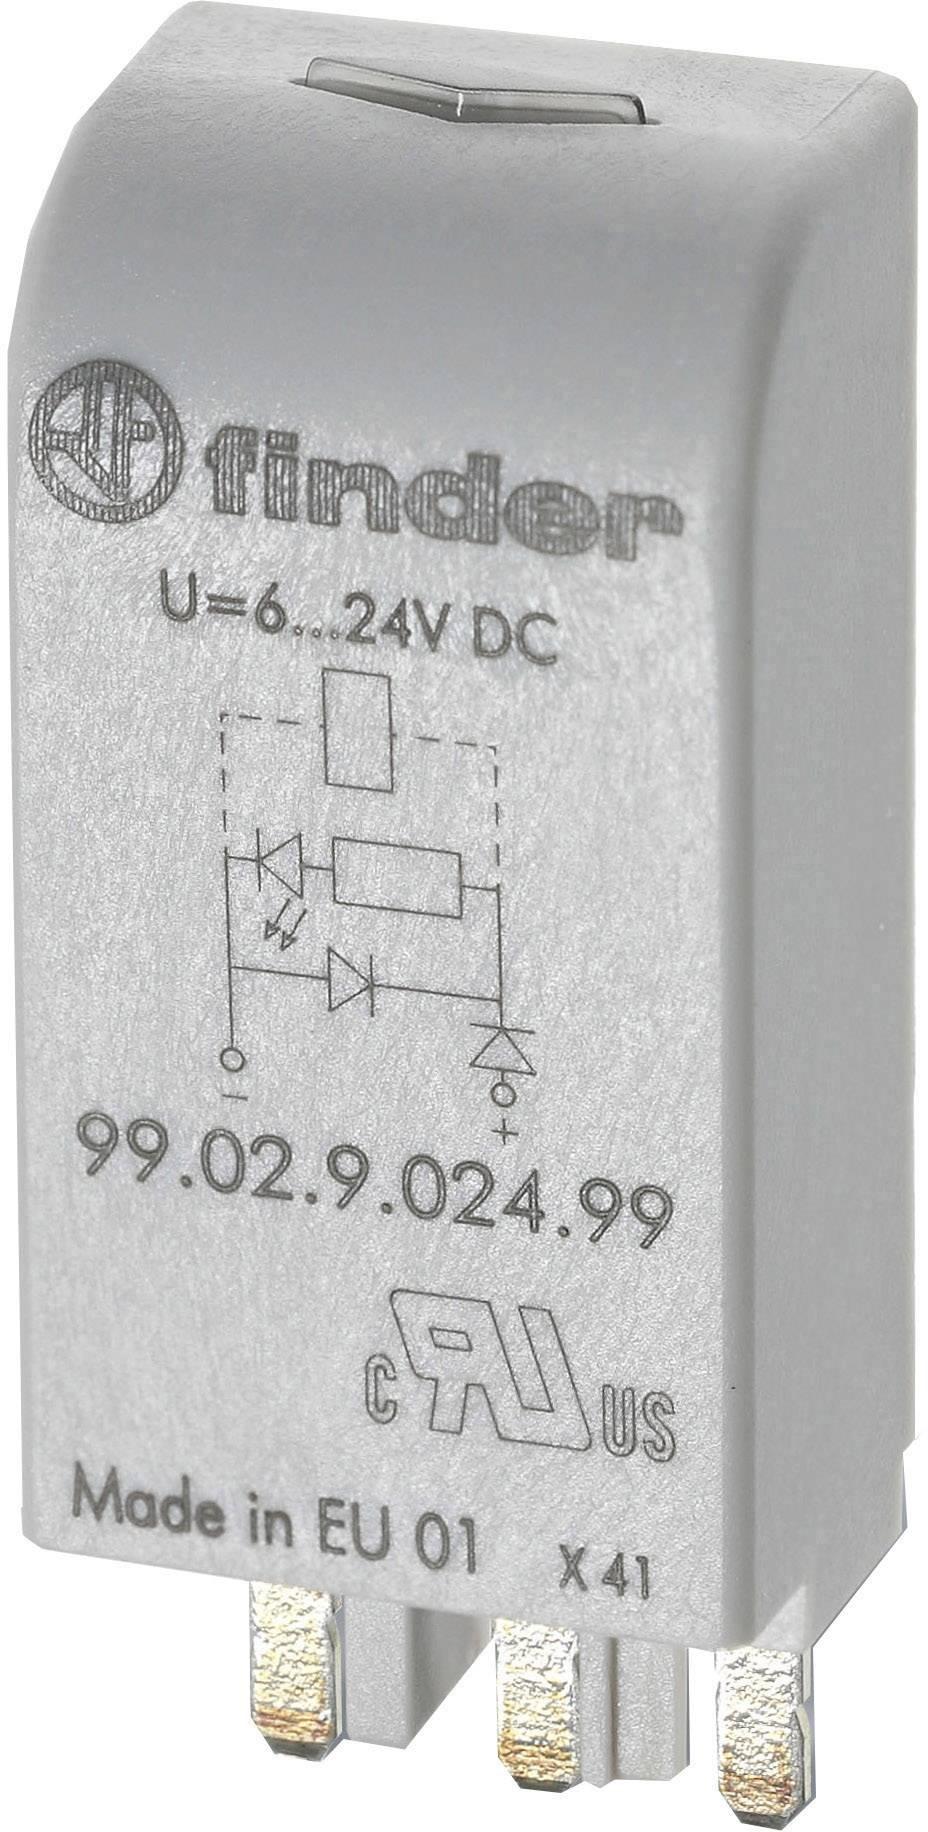 Odrušovací modul Finder 99.02.9.024.99, 6 - 24 V